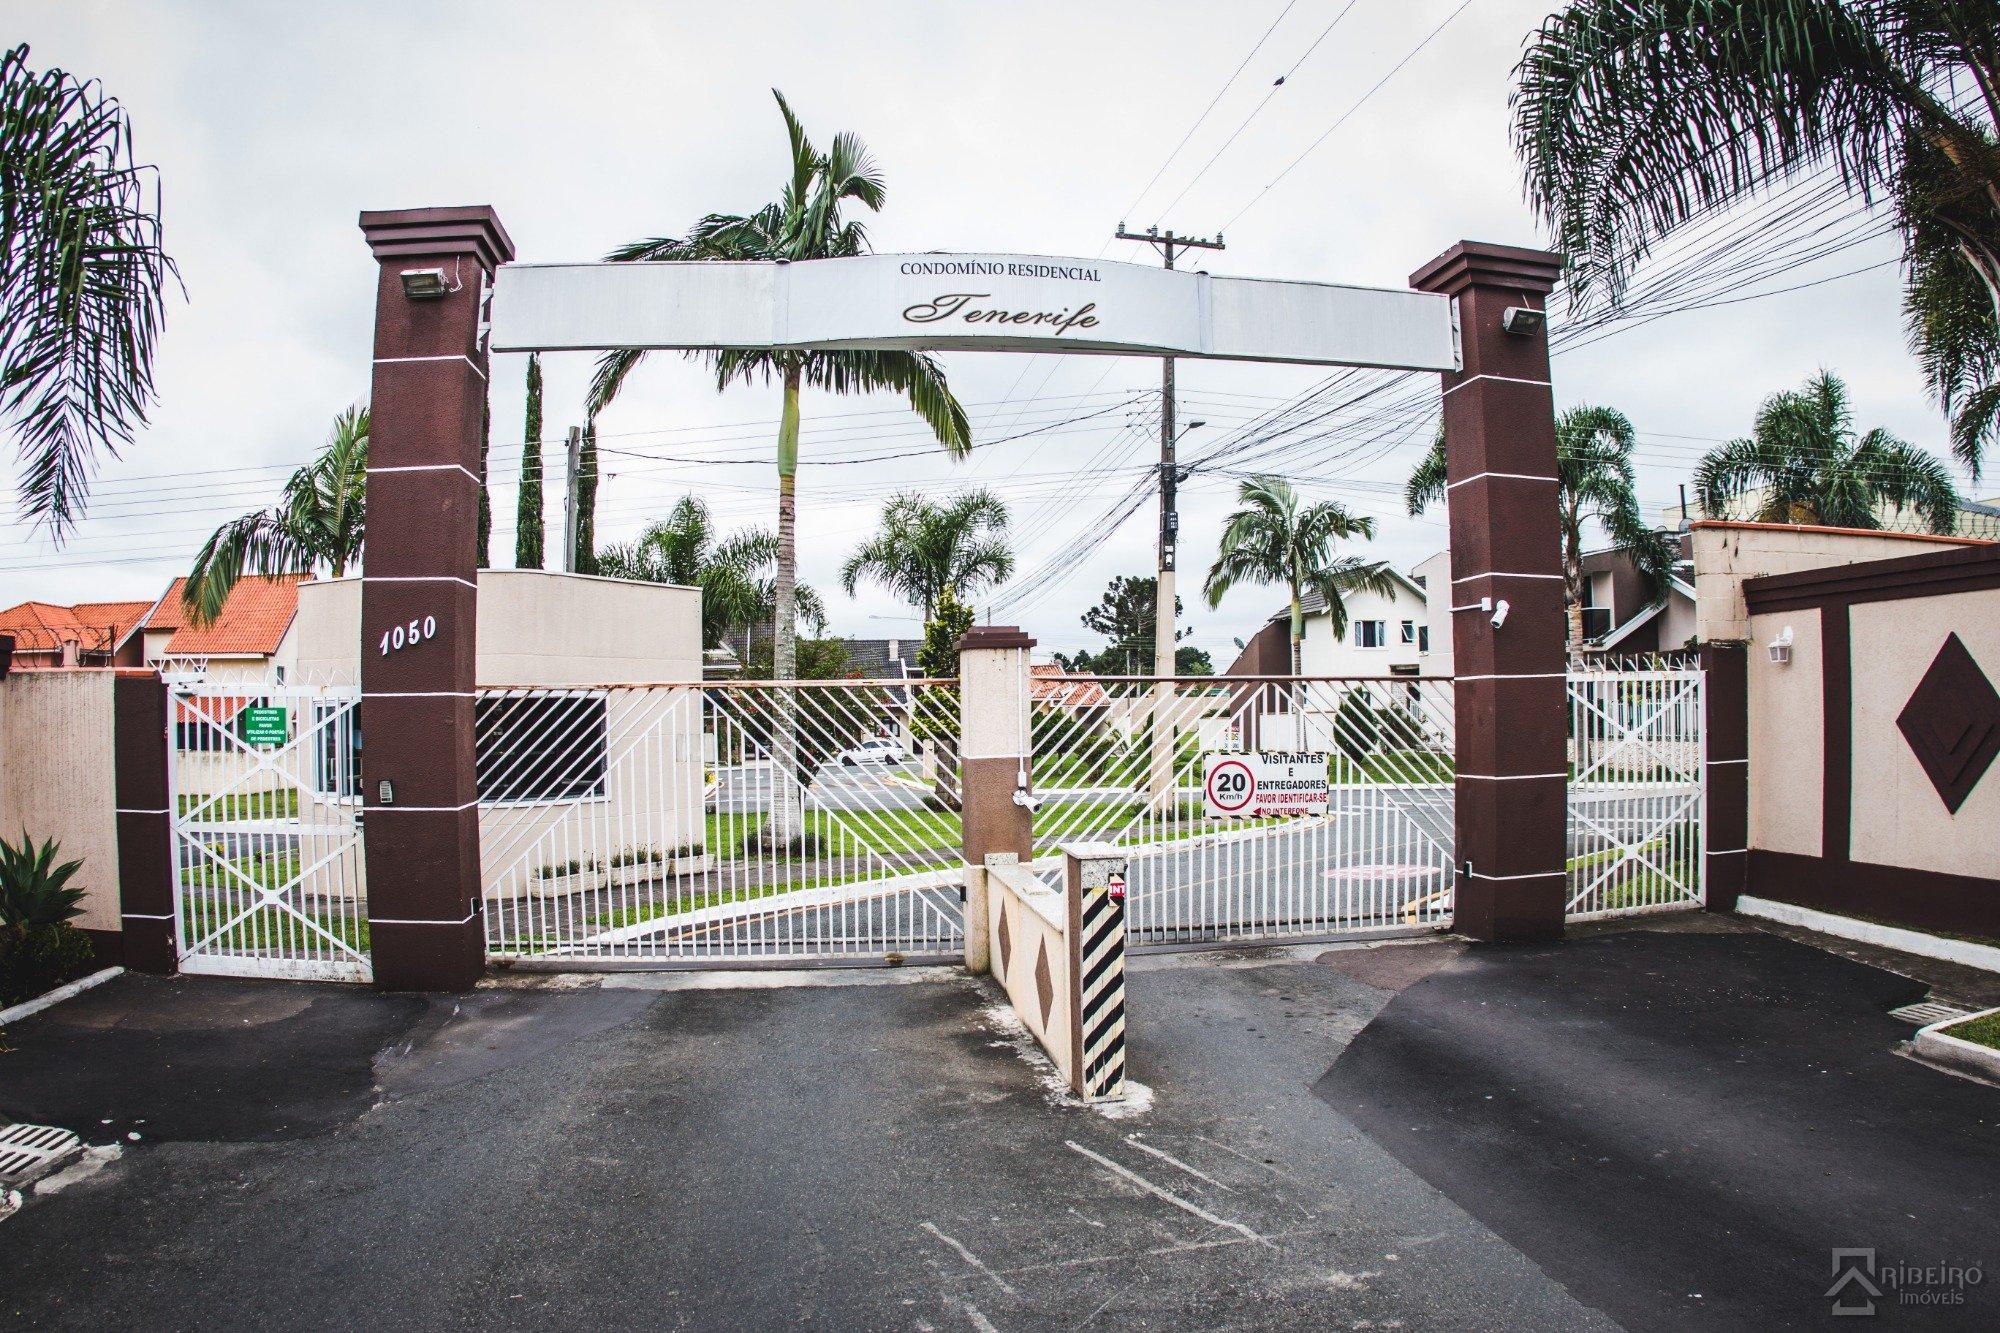 REF. 7429 -  Sao Jose Dos Pinhais - Rua  Luziano Cordeiro, 1050 - Casa 36